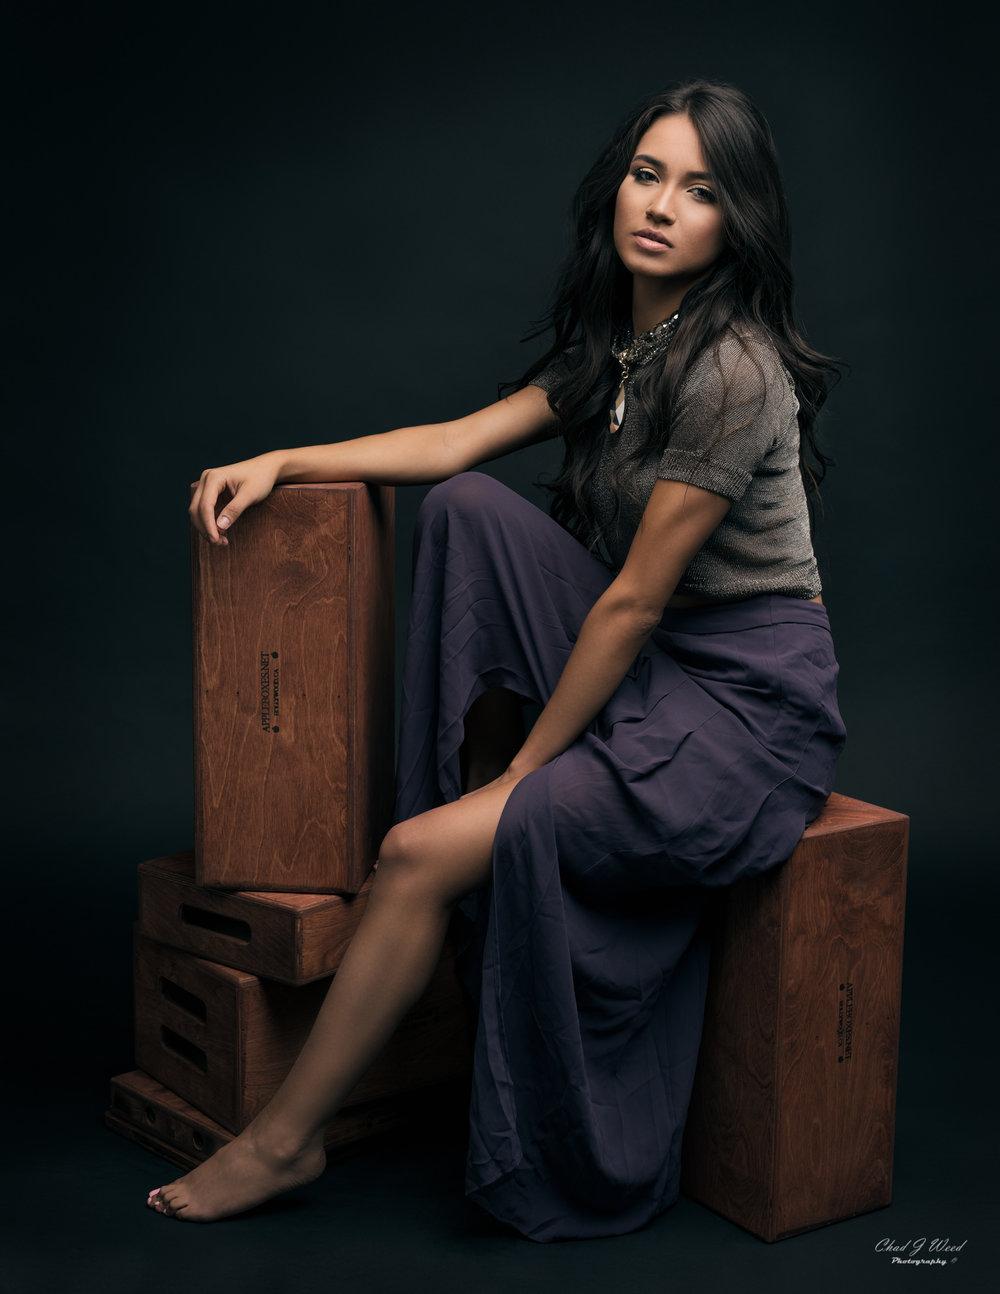 Zari Glamour by Mesa Arizona Portrait Photographer Chad Weed